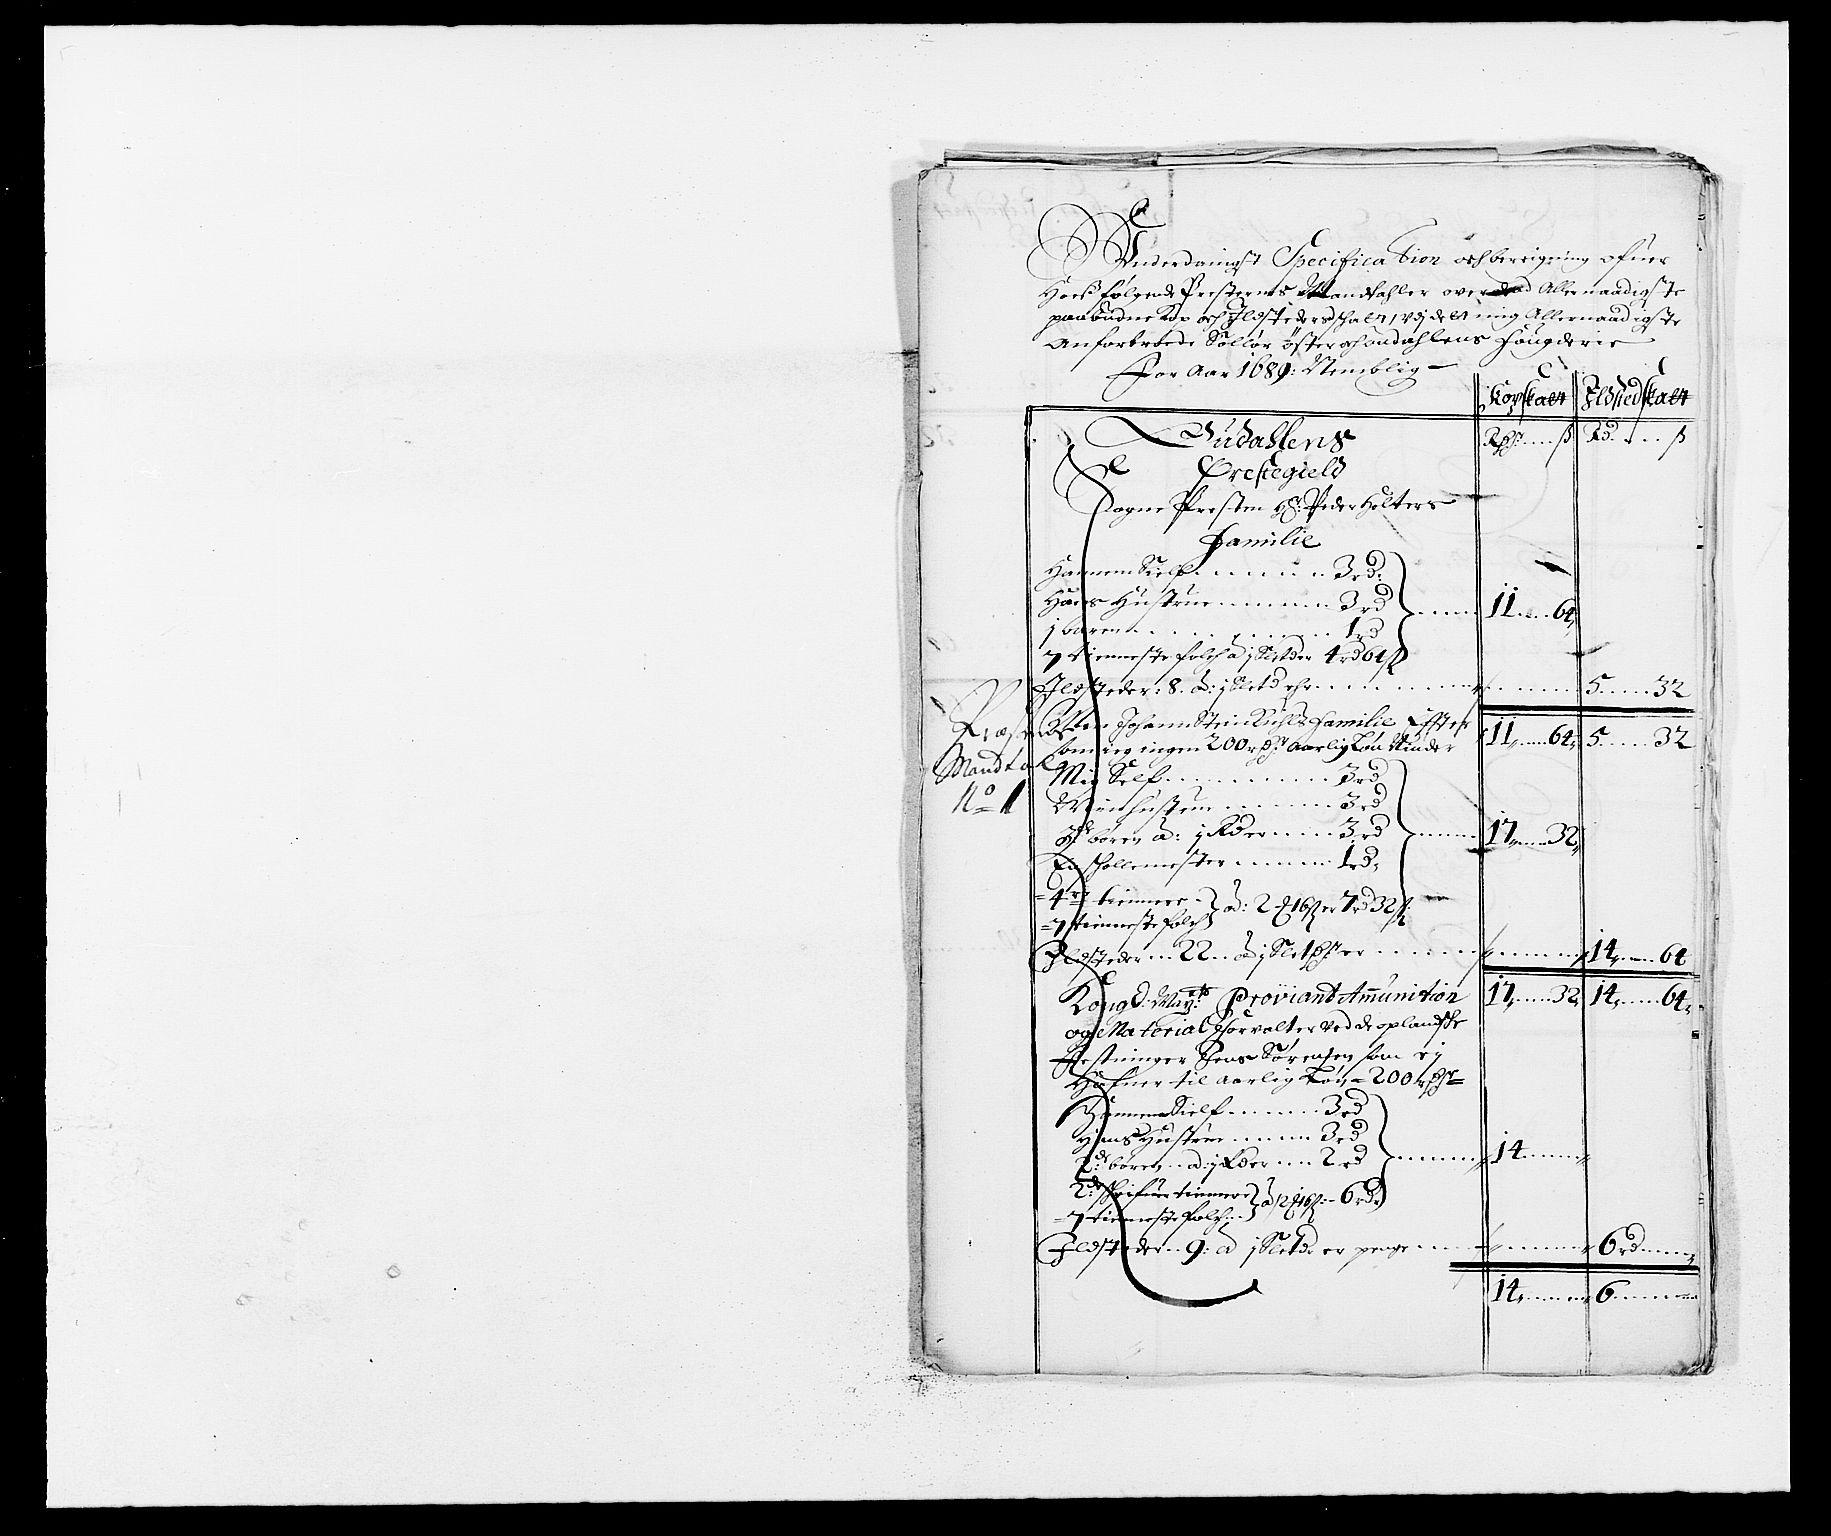 RA, Rentekammeret inntil 1814, Reviderte regnskaper, Fogderegnskap, R13/L0827: Fogderegnskap Solør, Odal og Østerdal, 1689, s. 330